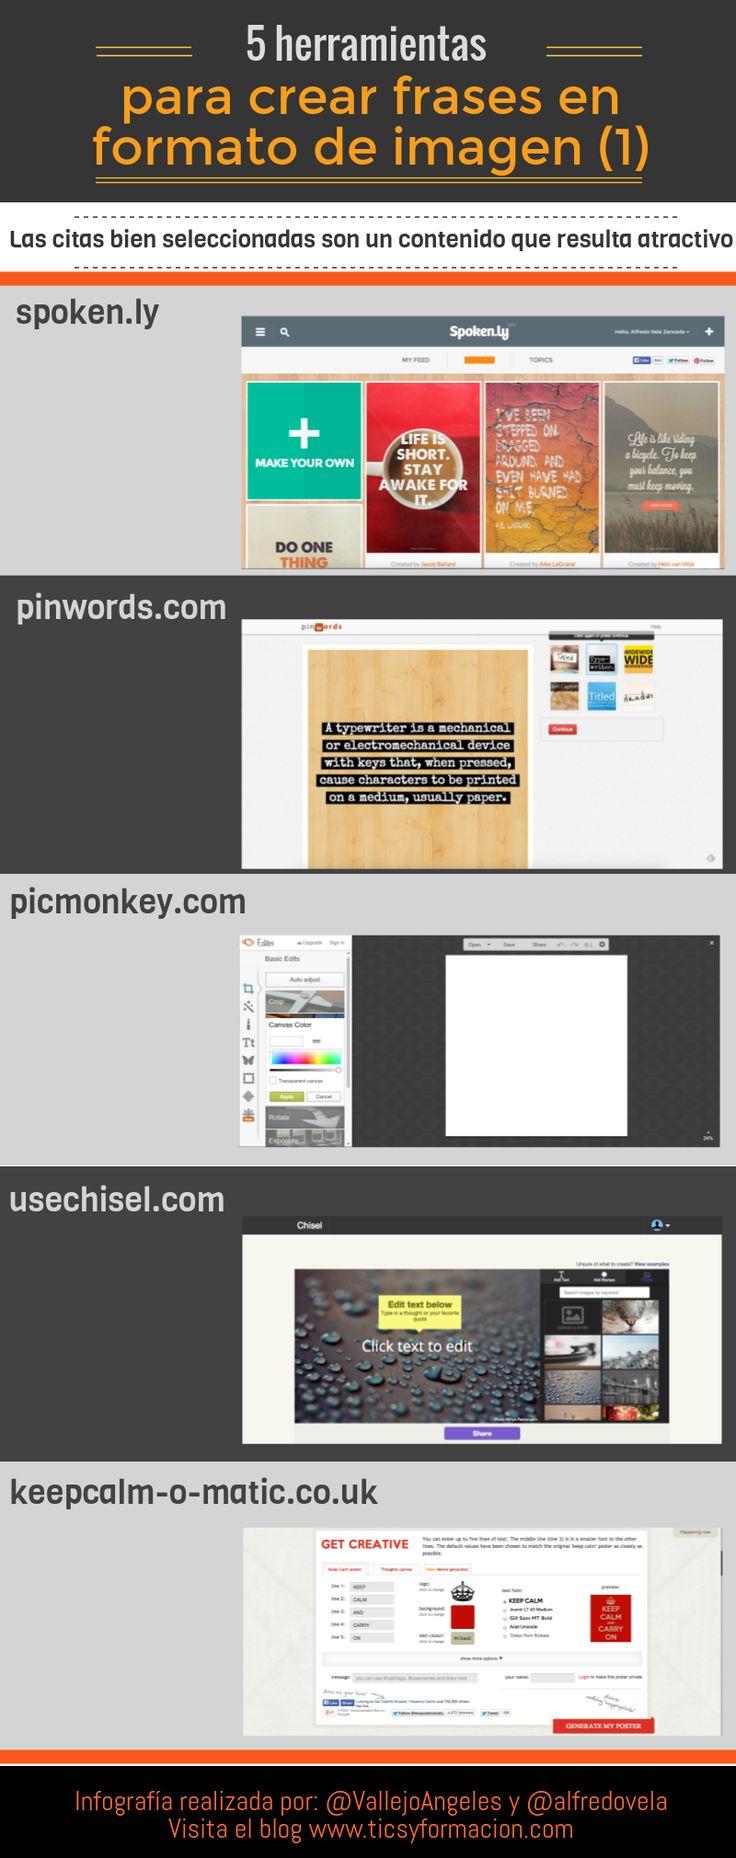 5 herramientas online para crear frases en formato de imagen (1) #infografia #citas #quotes